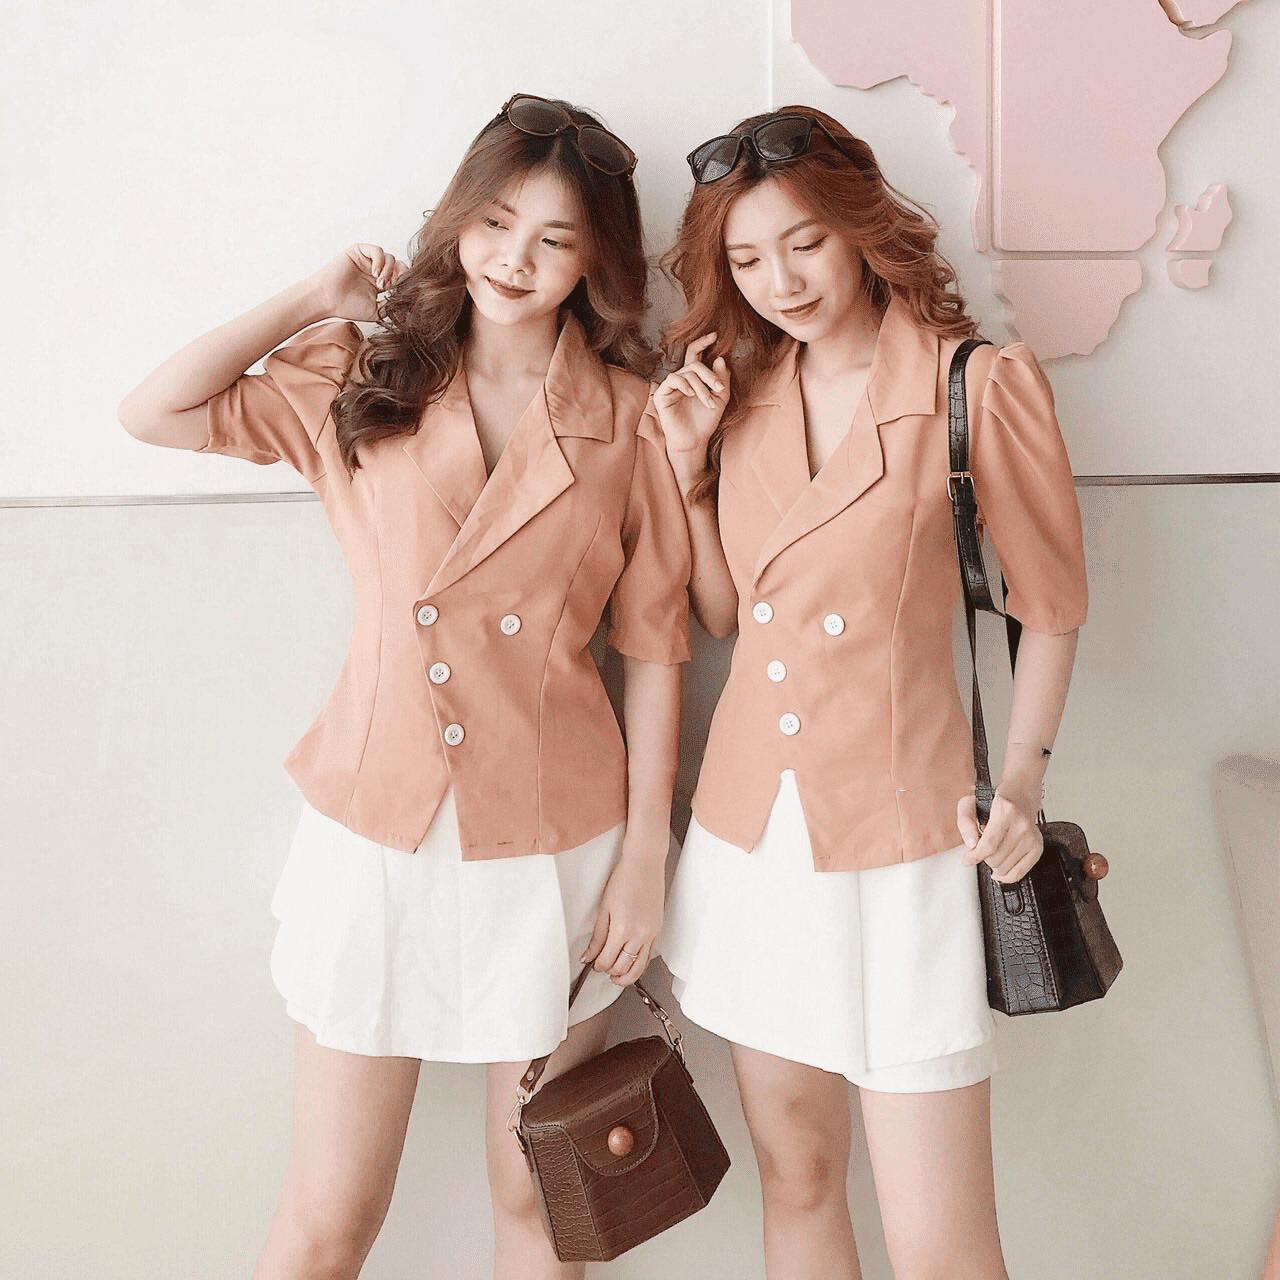 Quần áo hotgirl là gì mà các chị em thích bán vậy - ANN.COM.VN